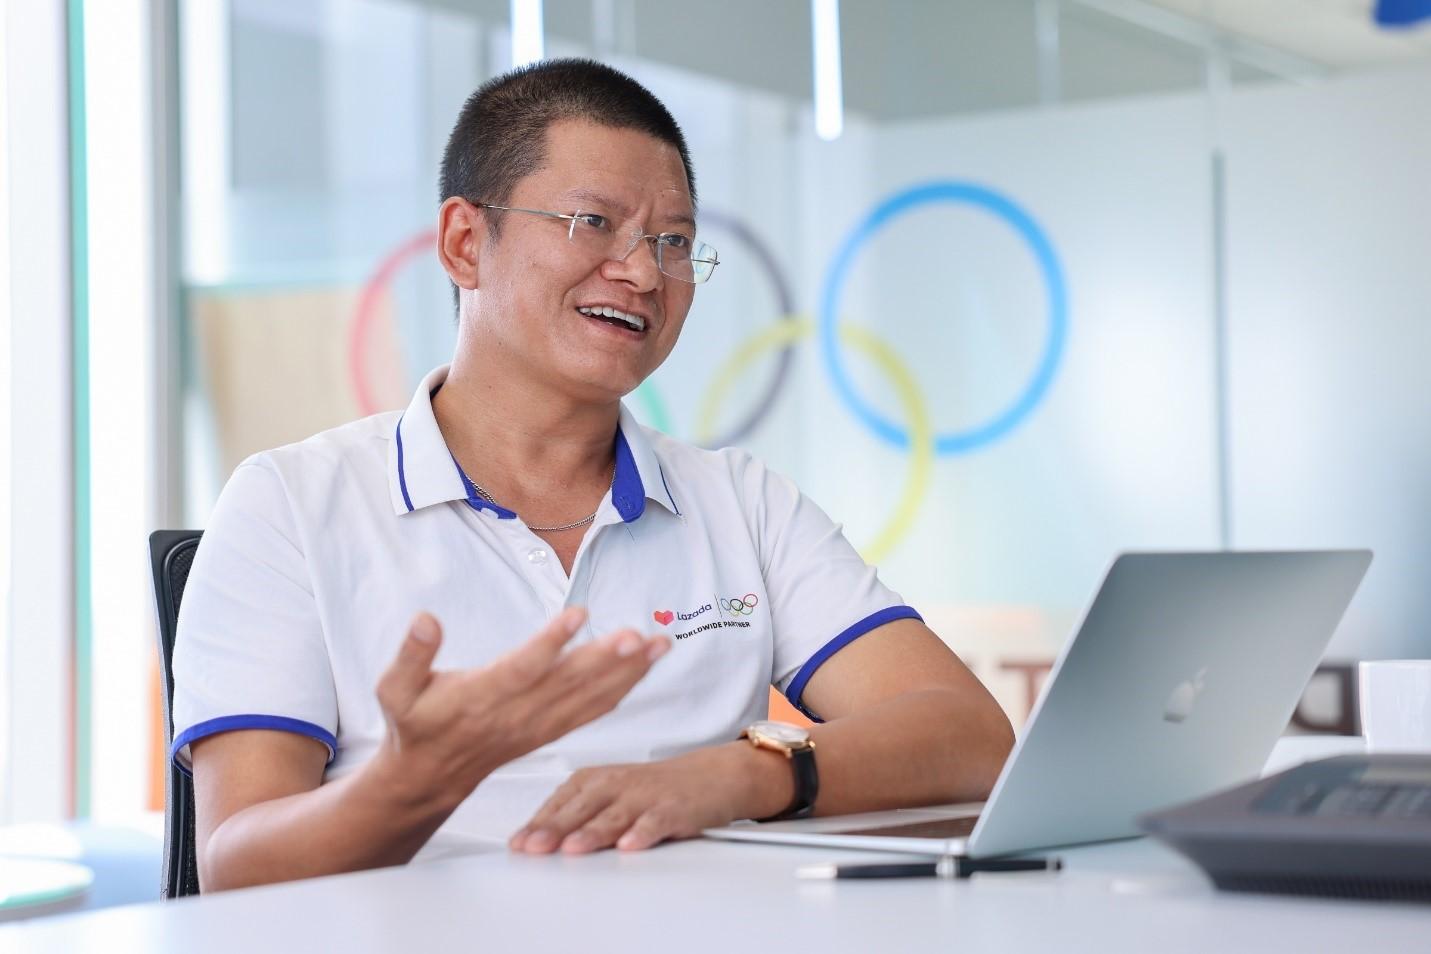 Ông Vũ Đức Thịnh - Tổng giám đốc Lazada Logistics Việt Nam chia sẻ về những sáng kiến logistics của nền tảng trong năm qua. Ảnh: Lazada Việt Nam.